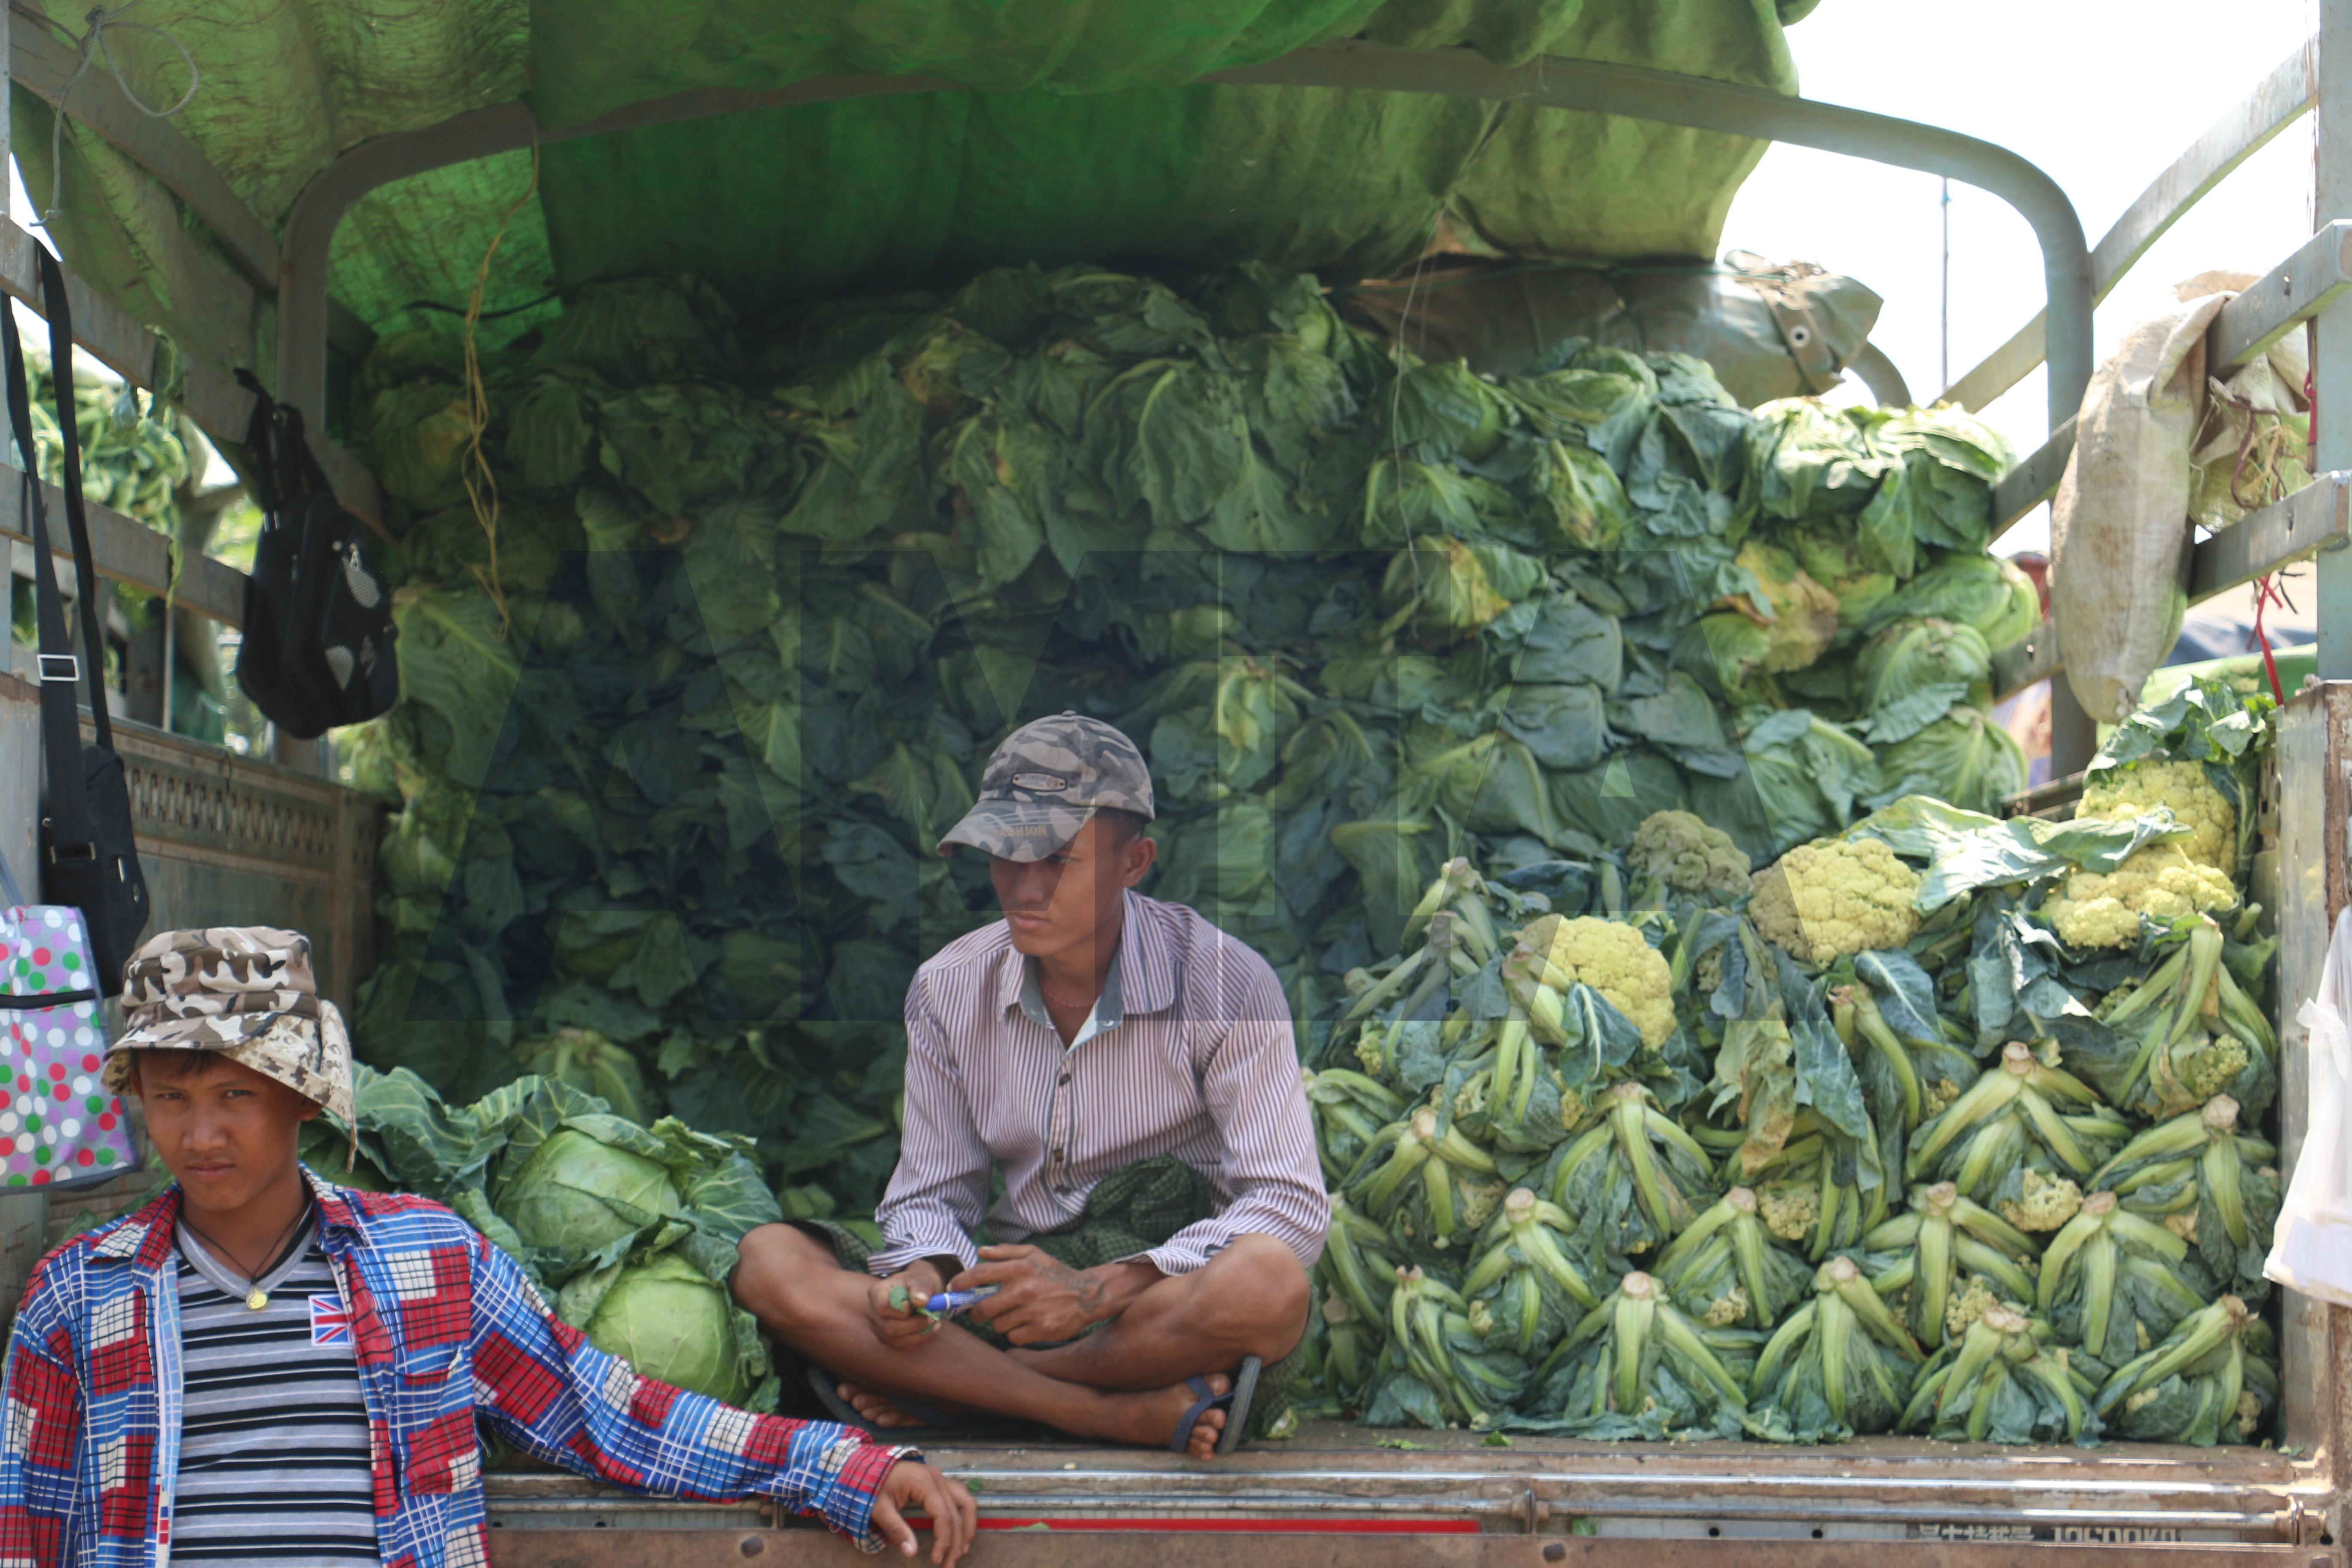 ယခုဘဏ္ဍာနှစ် အစတွင် လယ်ယာထွက်ကုန် တင်ပို့မှုမှ ပို့ကုန်ဝင်ငွေ တိုးတက်ရရှိနေ